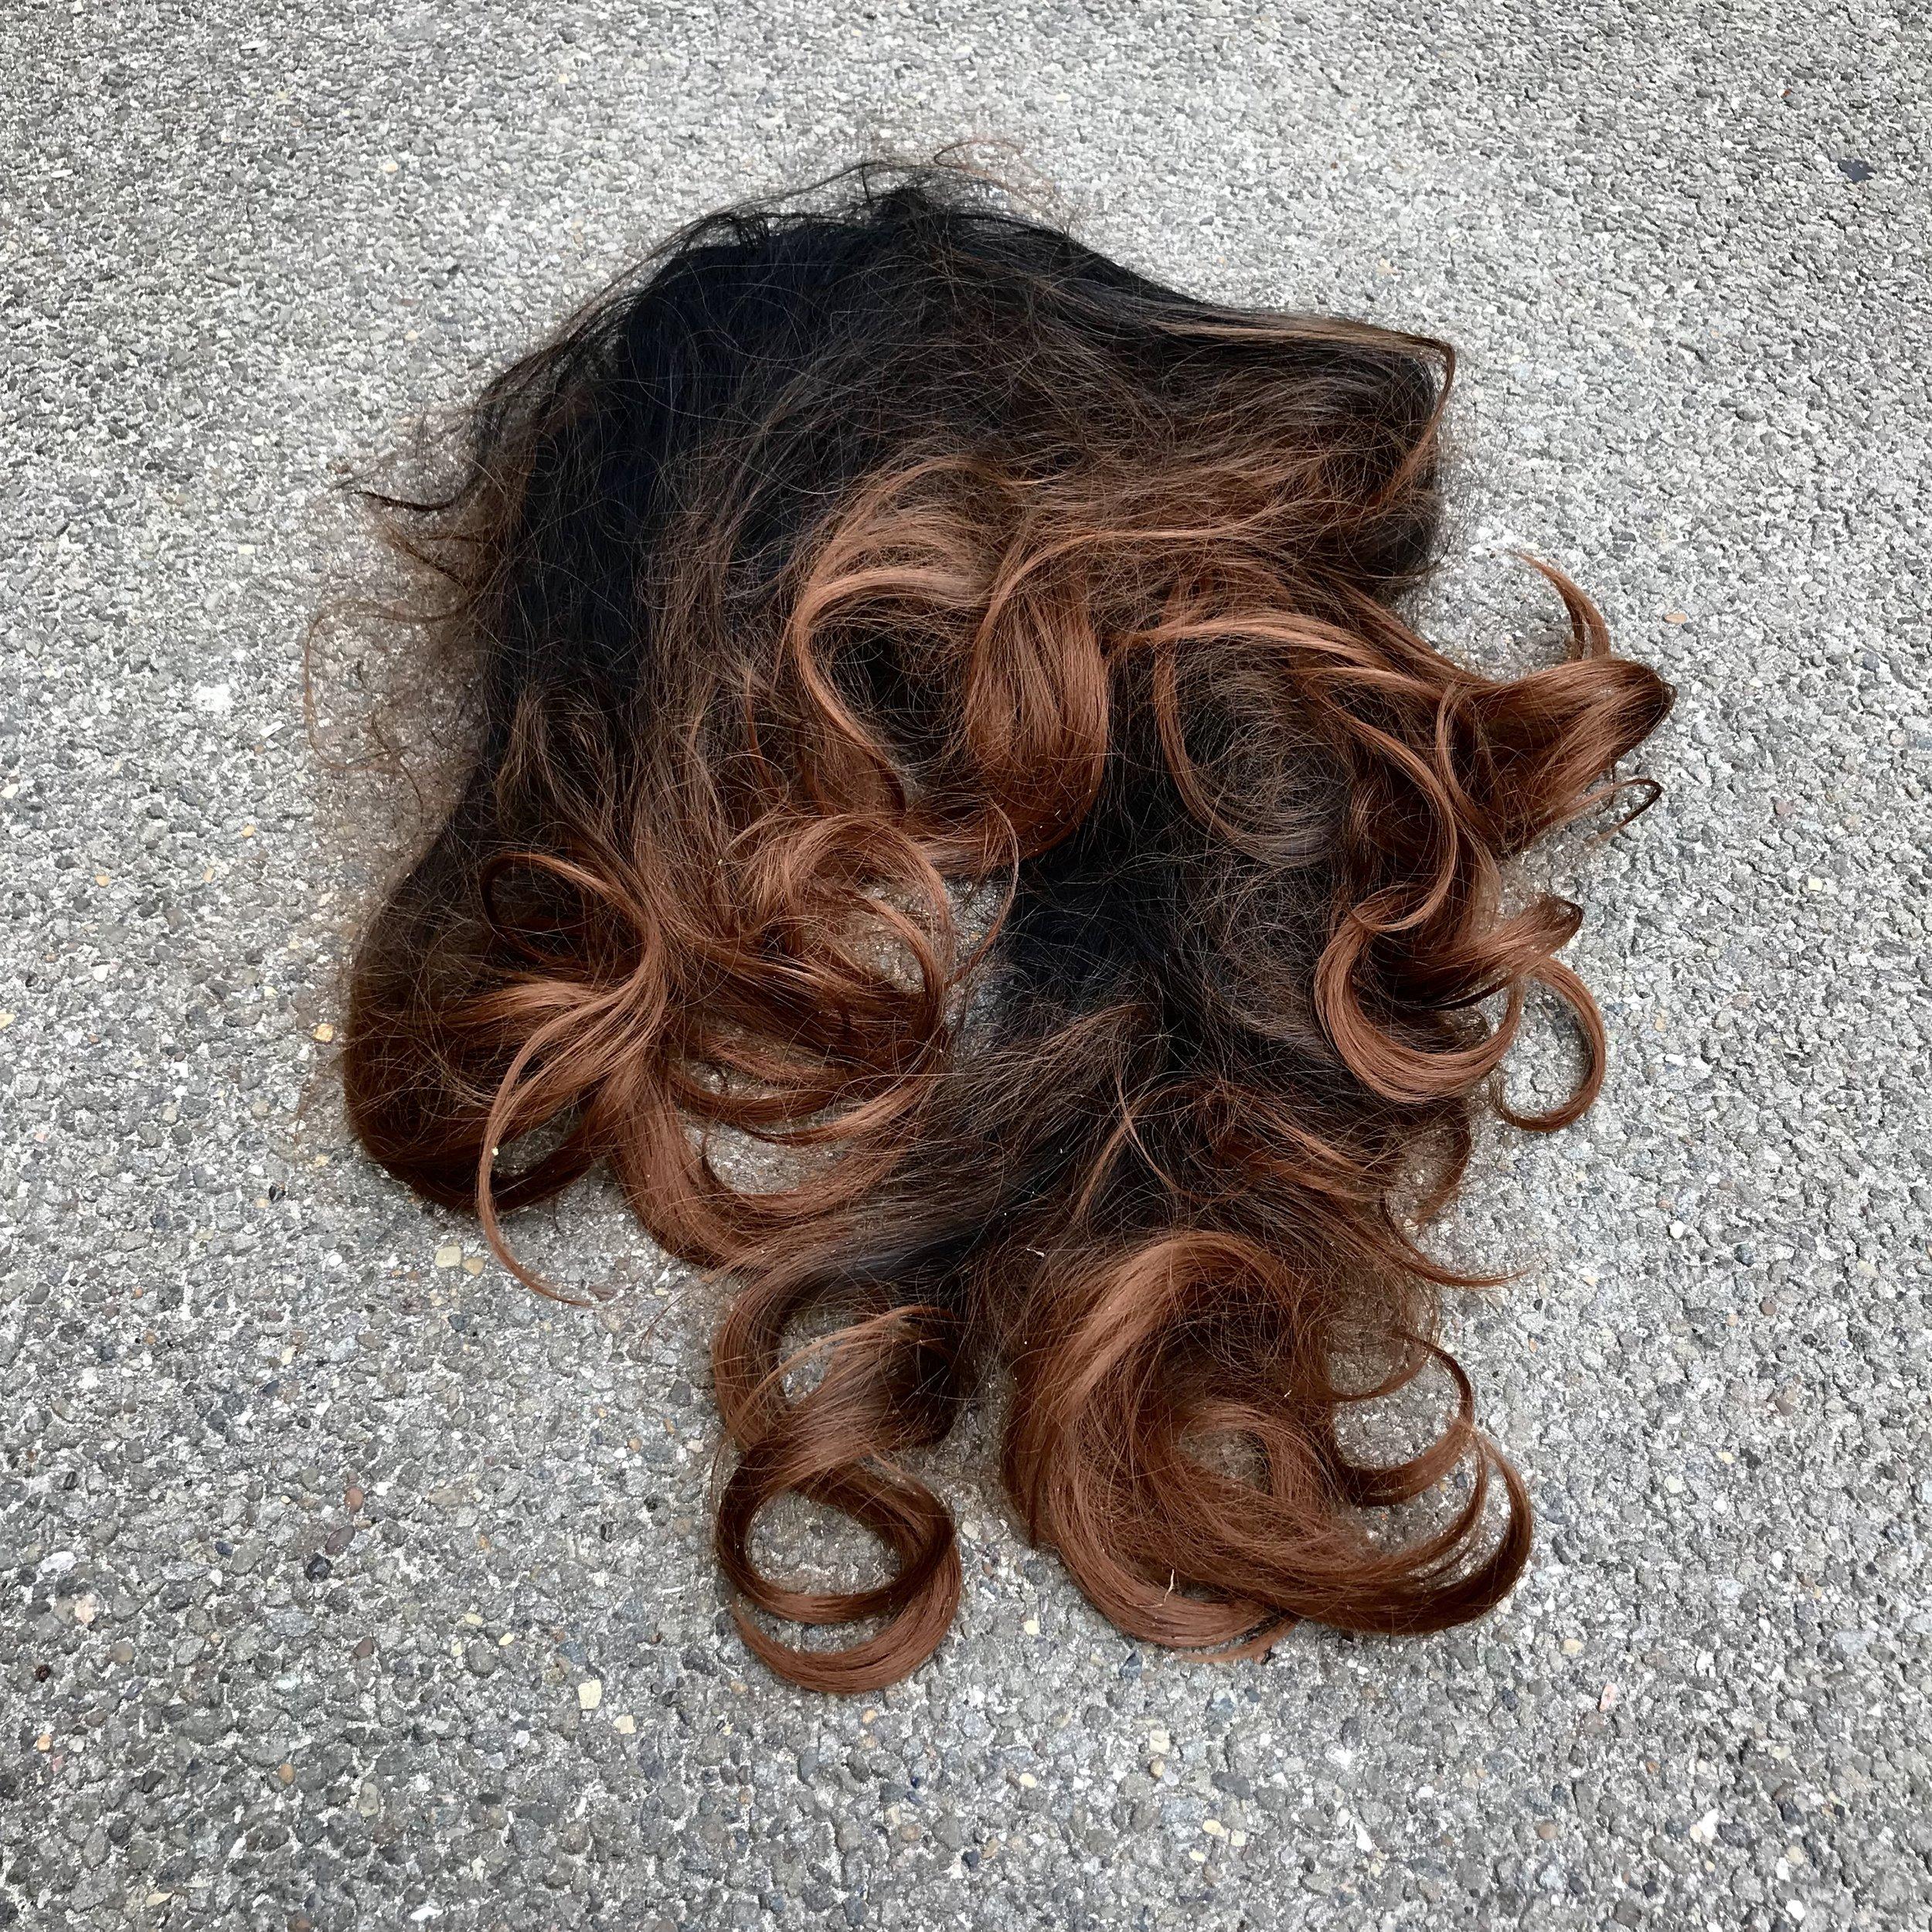 Wig, Brighton and Hove, 2018